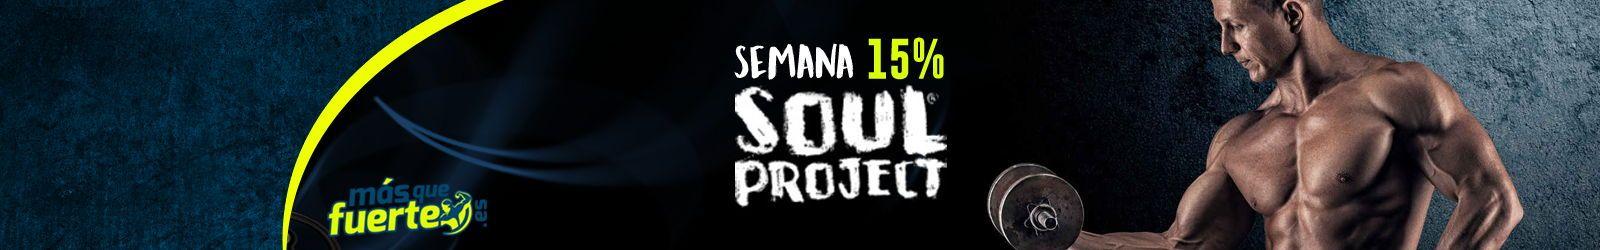 Semana Soul Project Labs -15% DESCUENTAZO! -